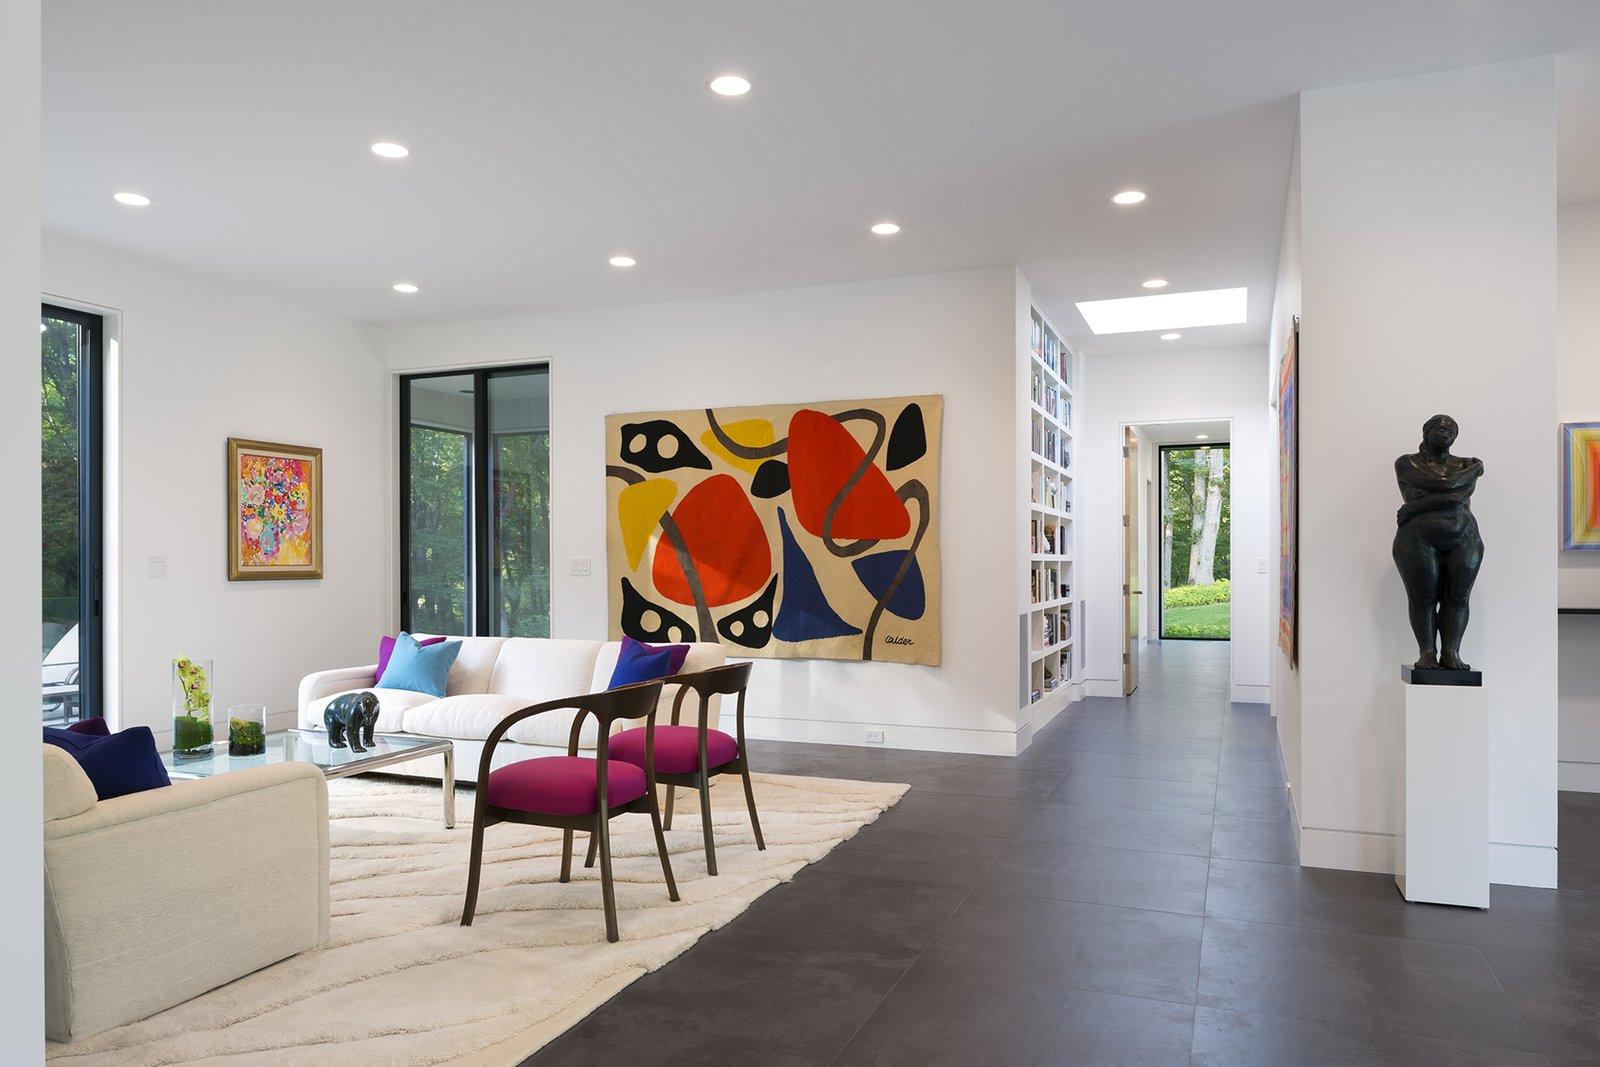 Art House 2.0 Interior: Gallery Like Living Room  Art House 2.0